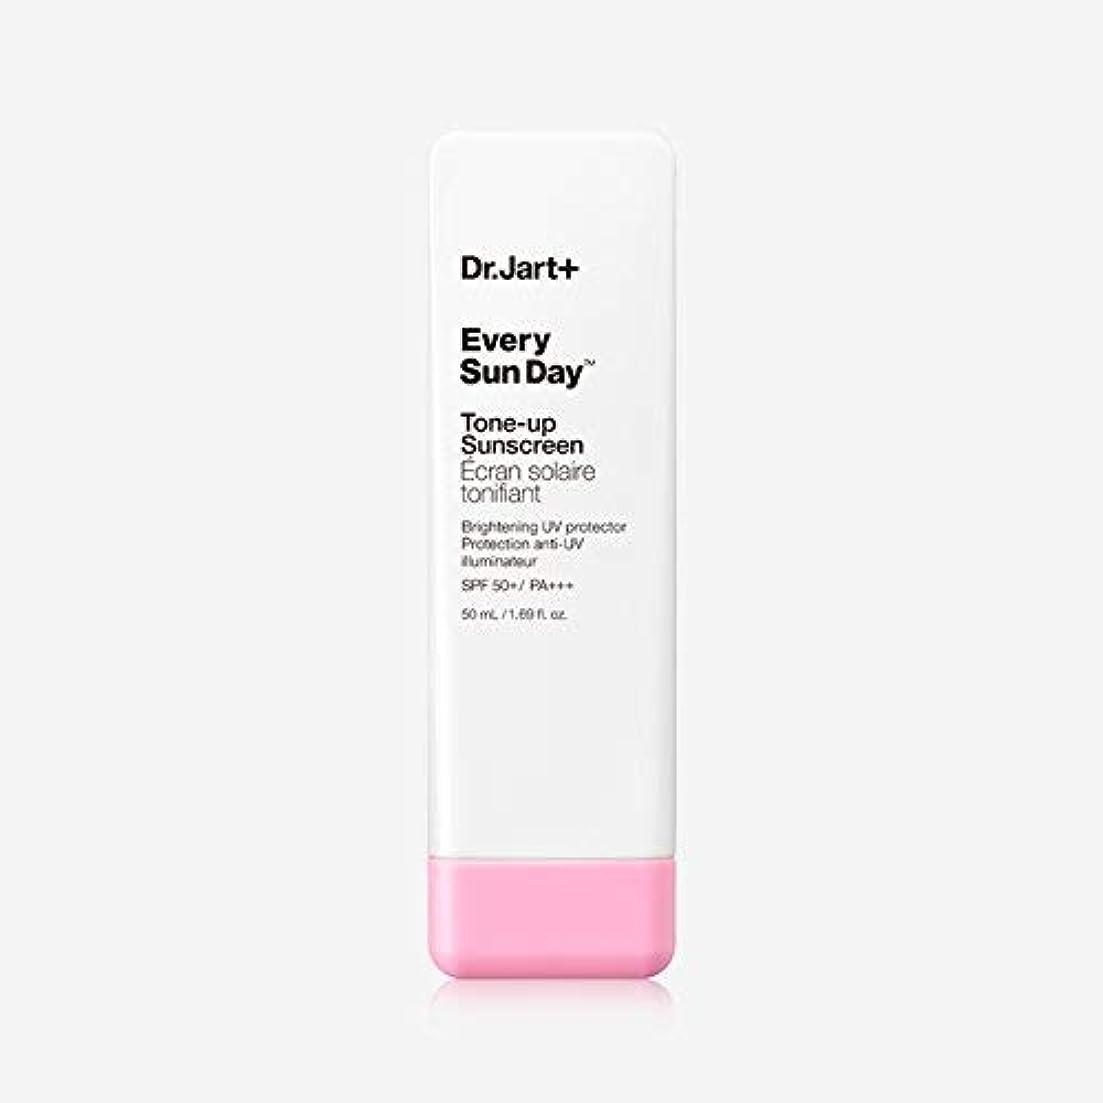 過半数マカダム登録するDr.Jart+ Every Sun Day Tone-up Sunscreen SPF50+ PA+++ 50ml / ドクタージャルトゥエヴリサンデートーンアップサンスクリーンSPF50+PA+++50ml [並行輸入品]